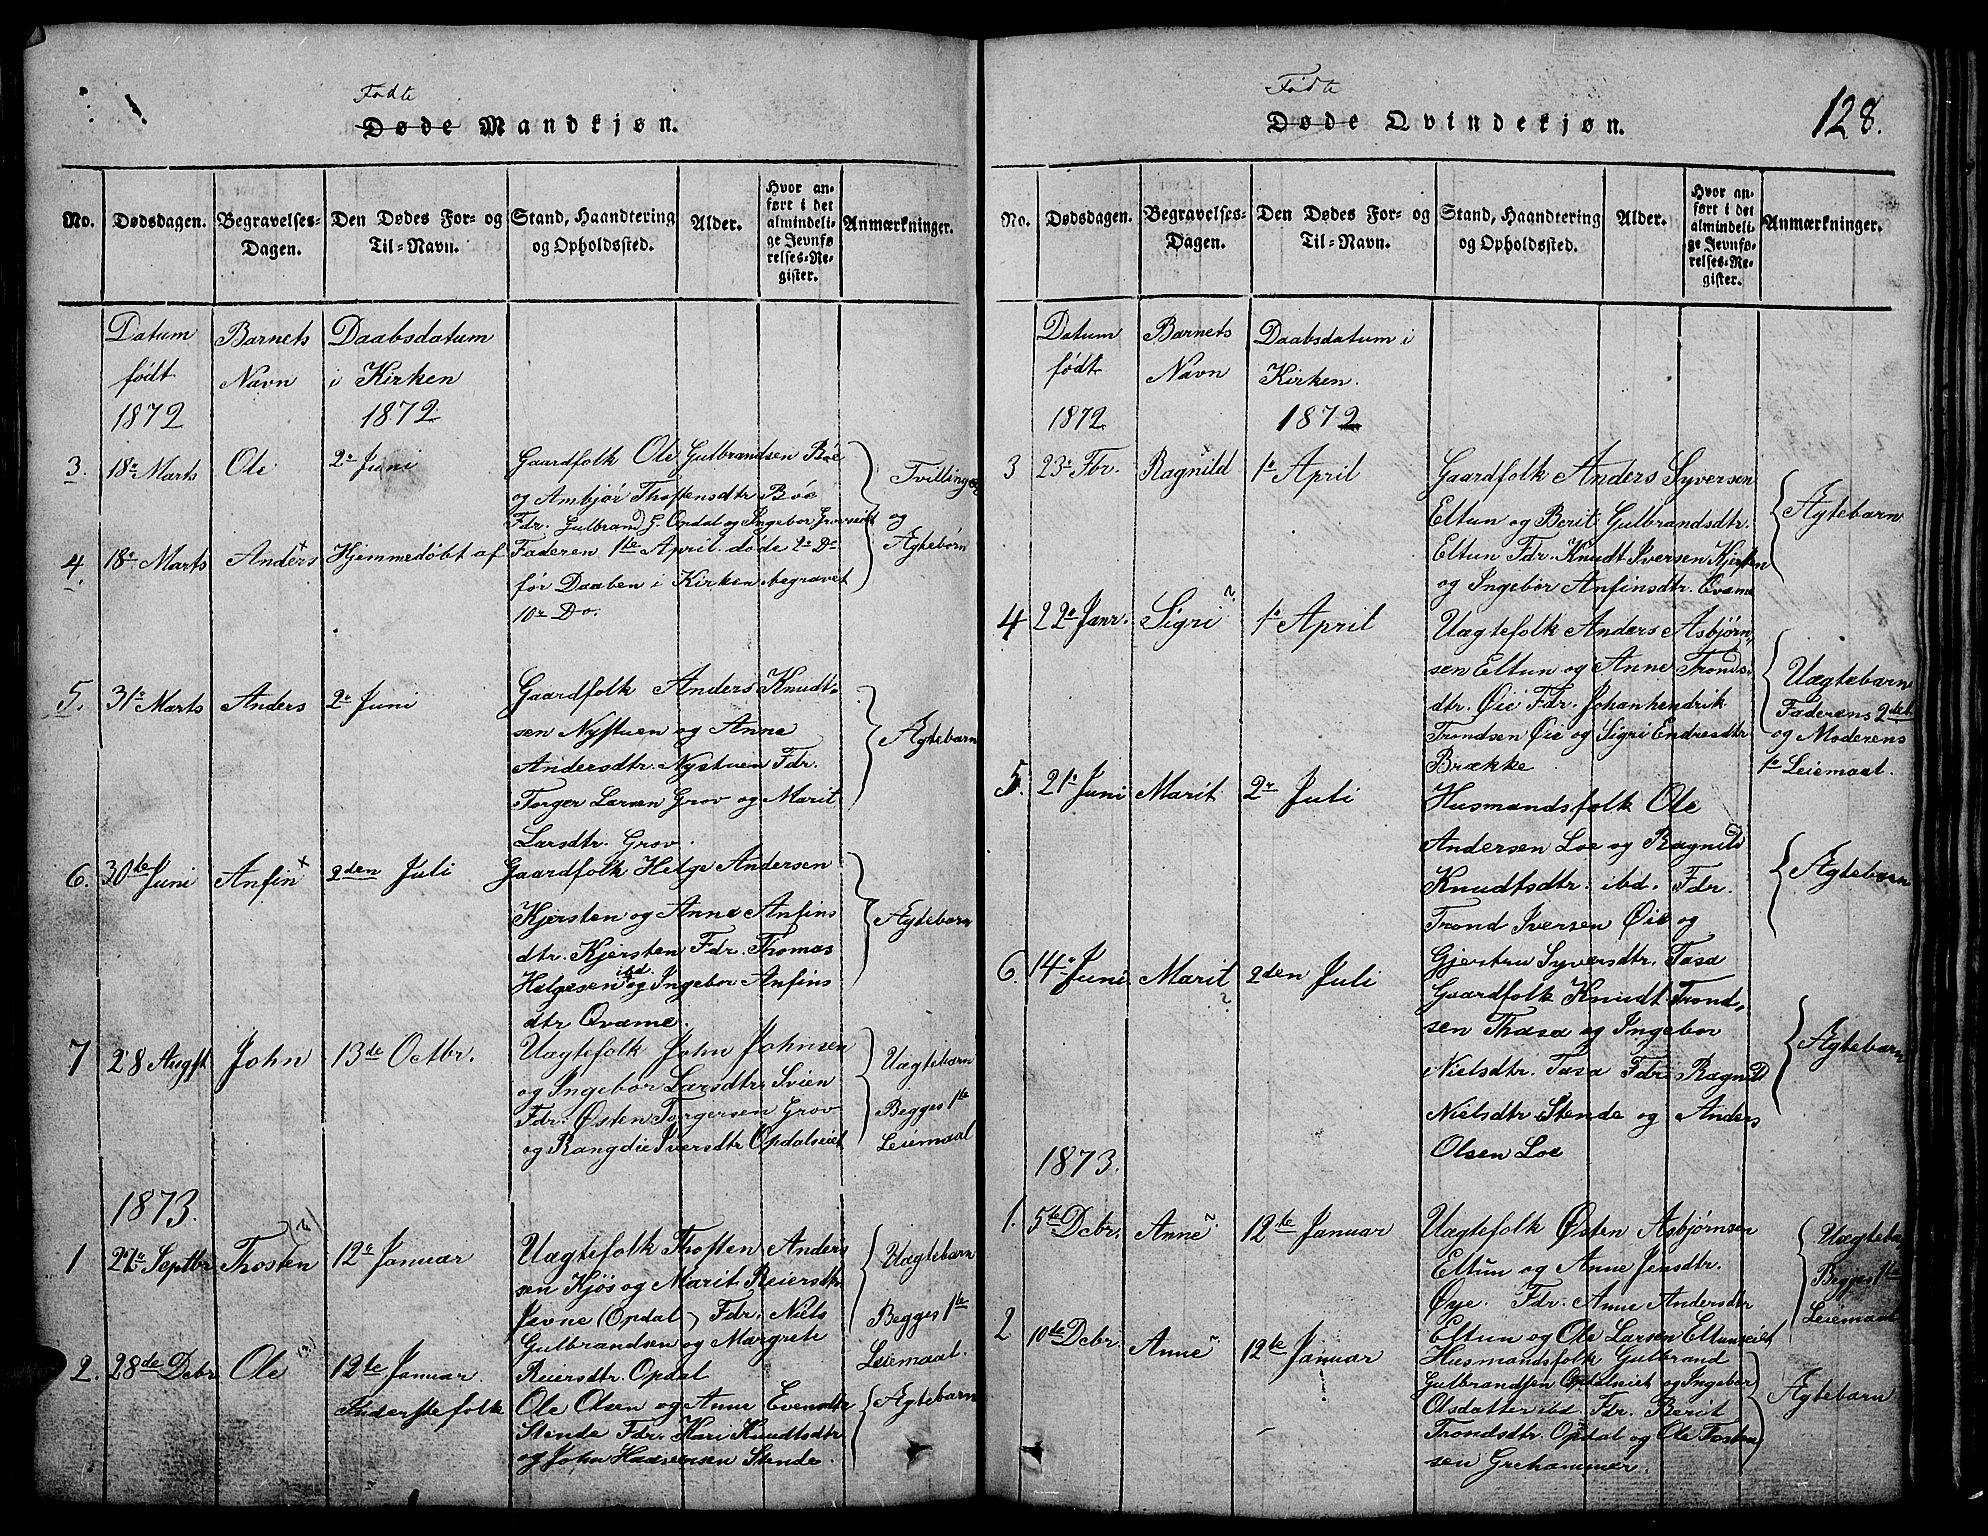 SAH, Vang prestekontor, Valdres, Klokkerbok nr. 2, 1814-1889, s. 128